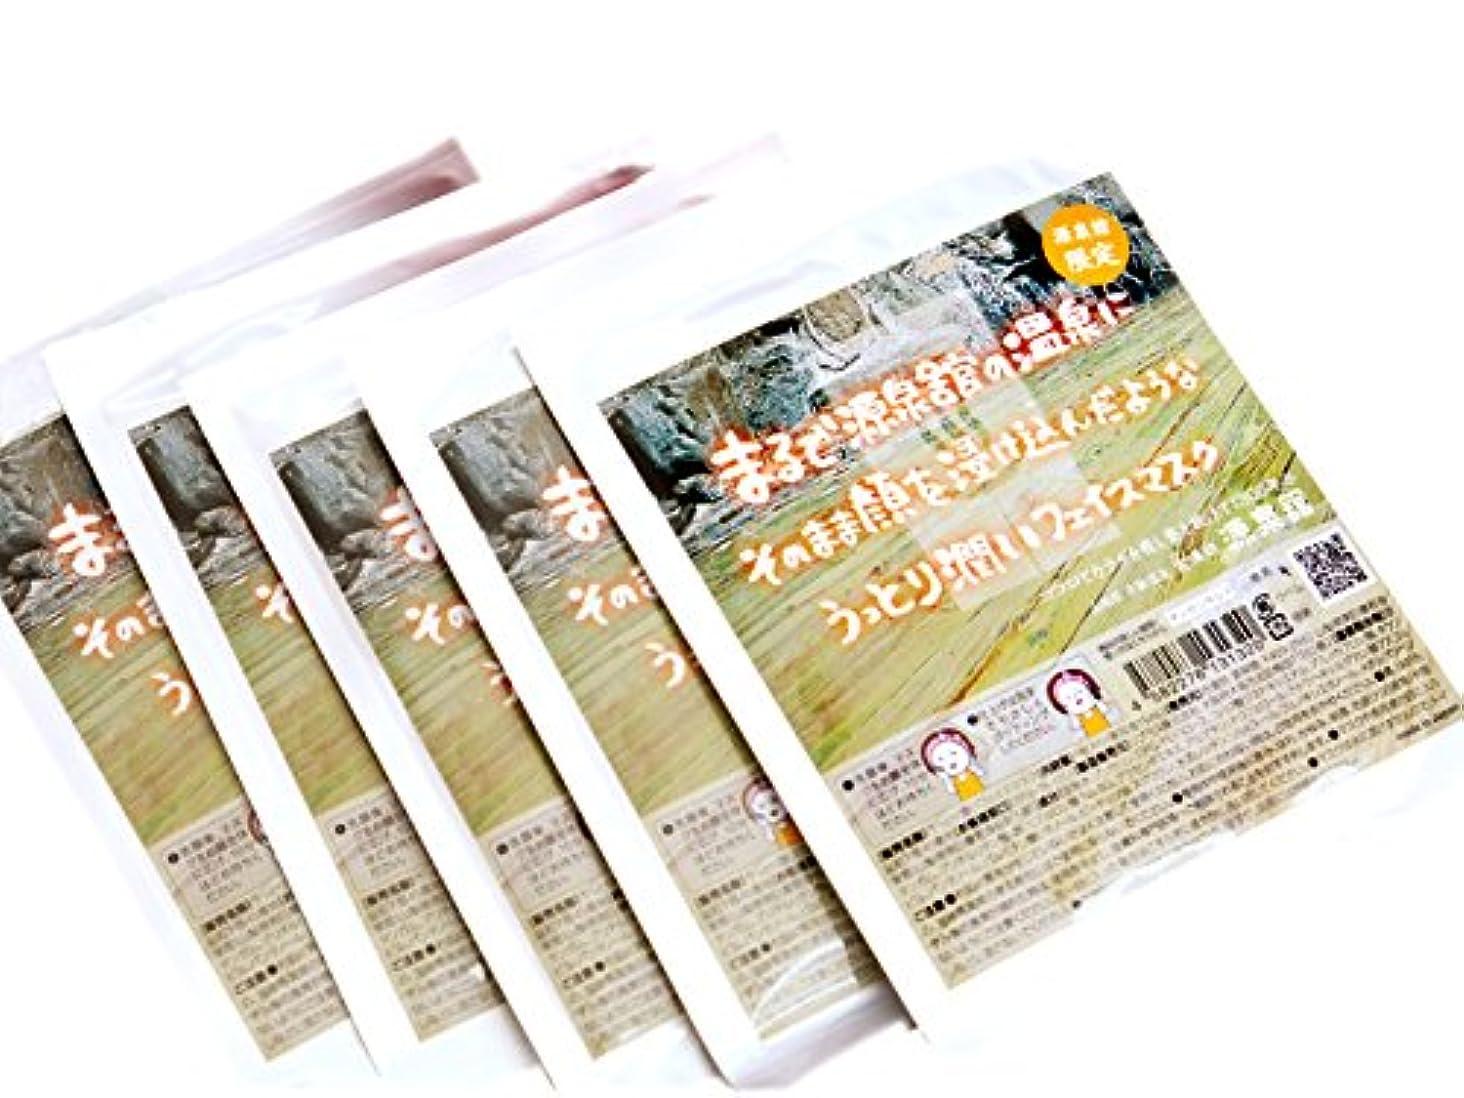 コントロール食物石膏自然派温泉水使用◇源泉館◇【パック5枚セット】